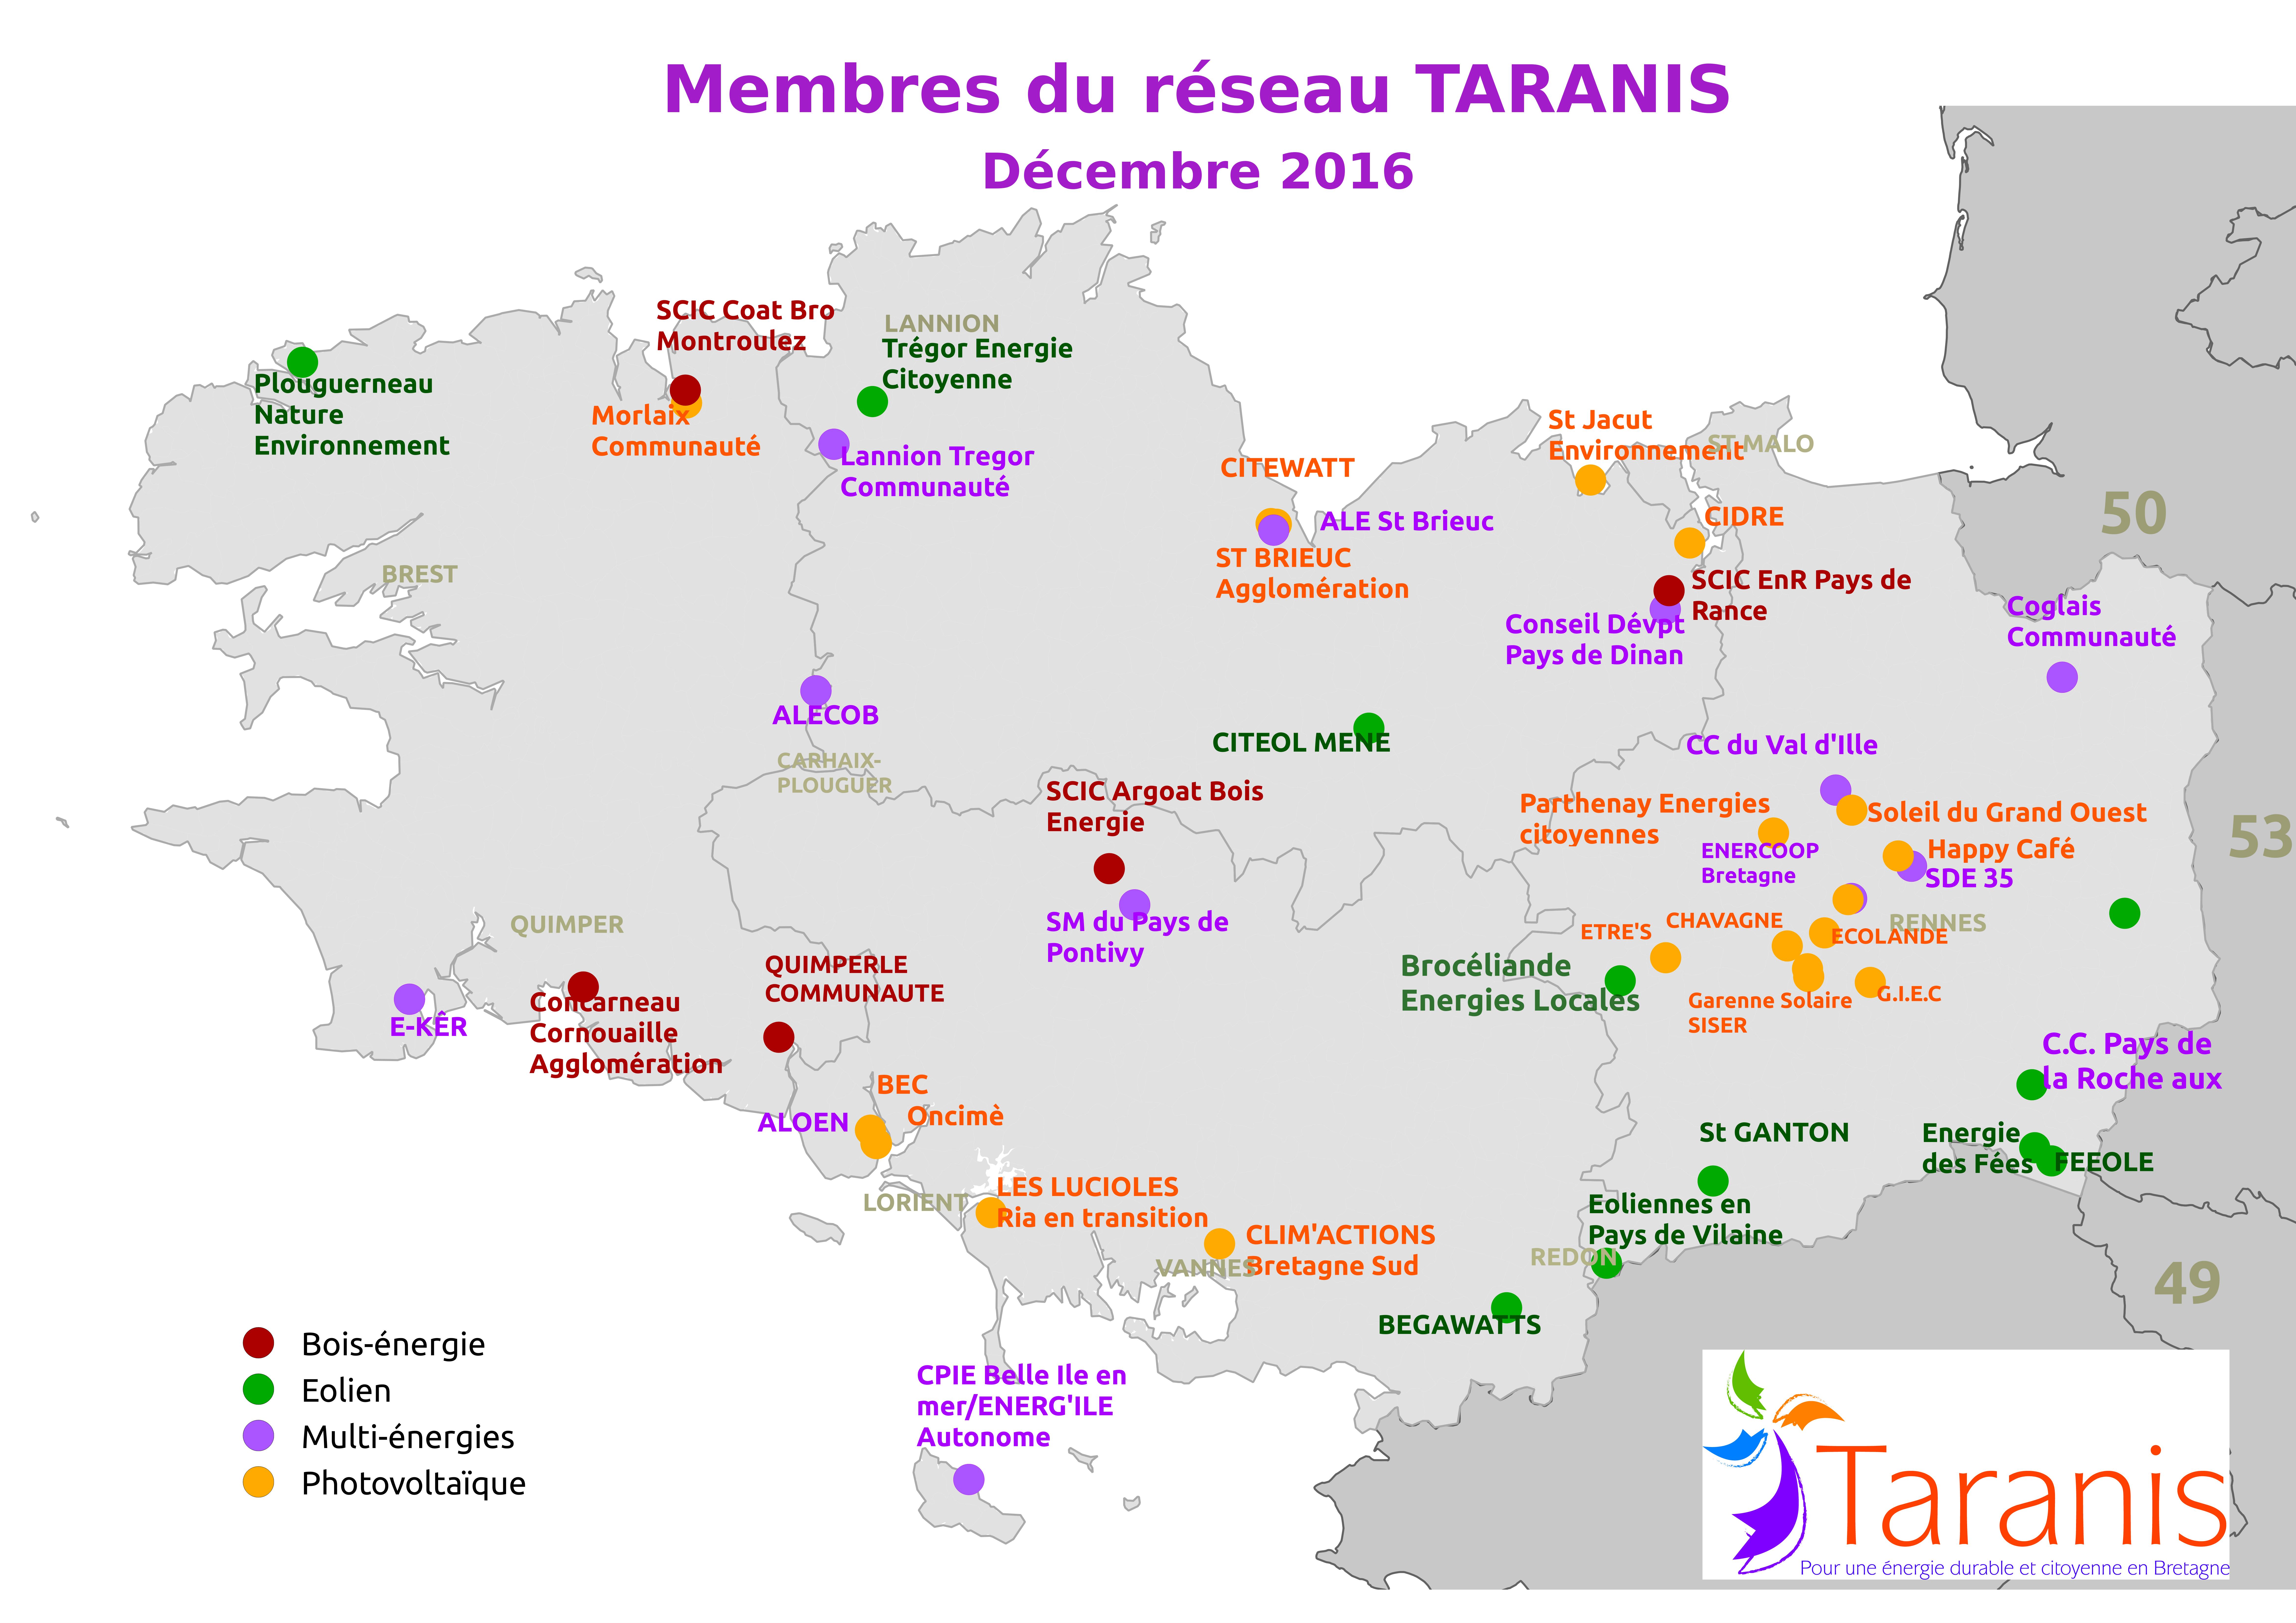 Le réseau Taranis, pour des énergies renouvelables et citoyennes